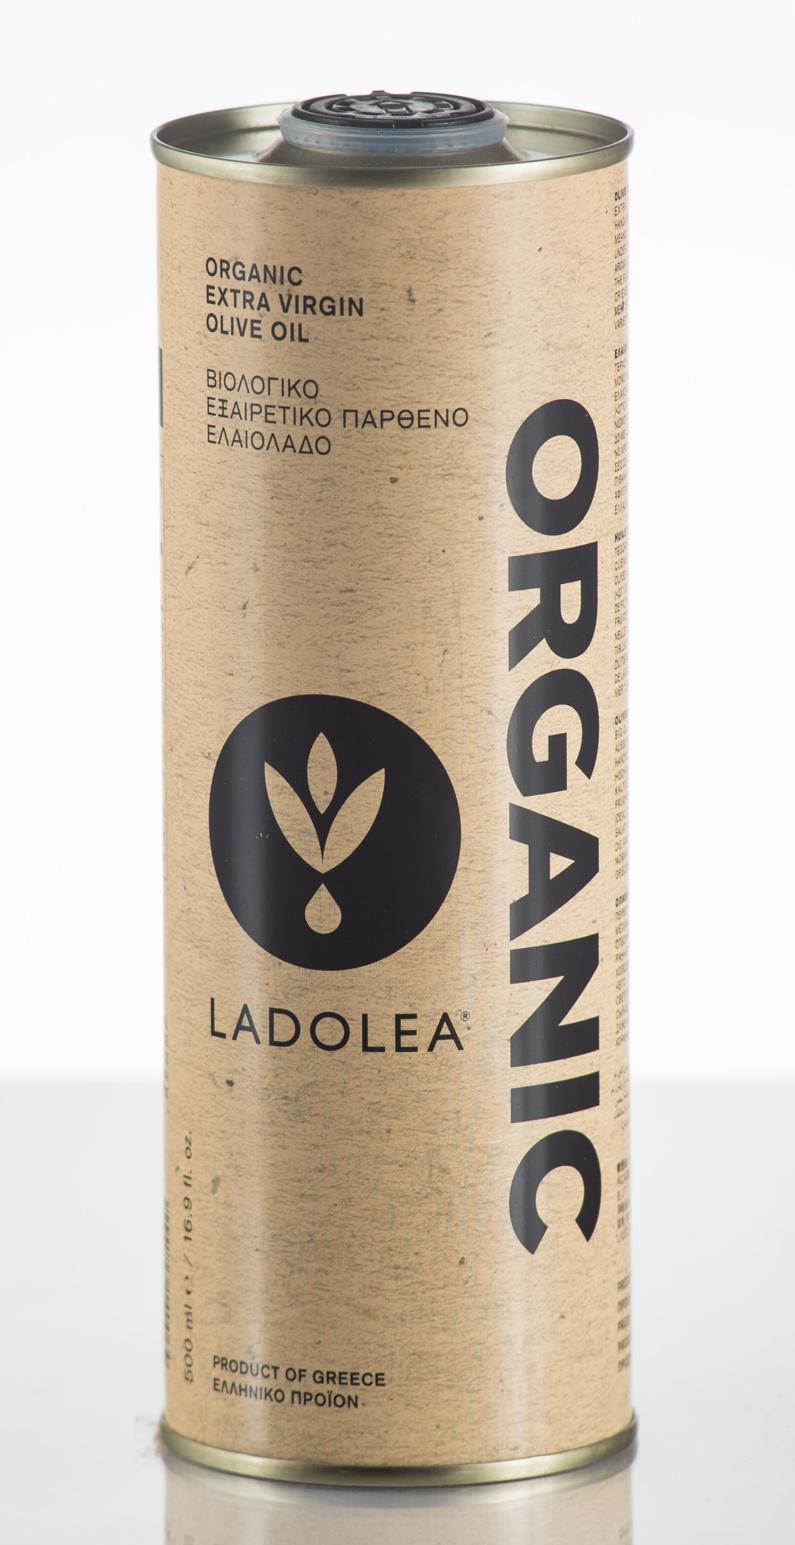 Ladolea